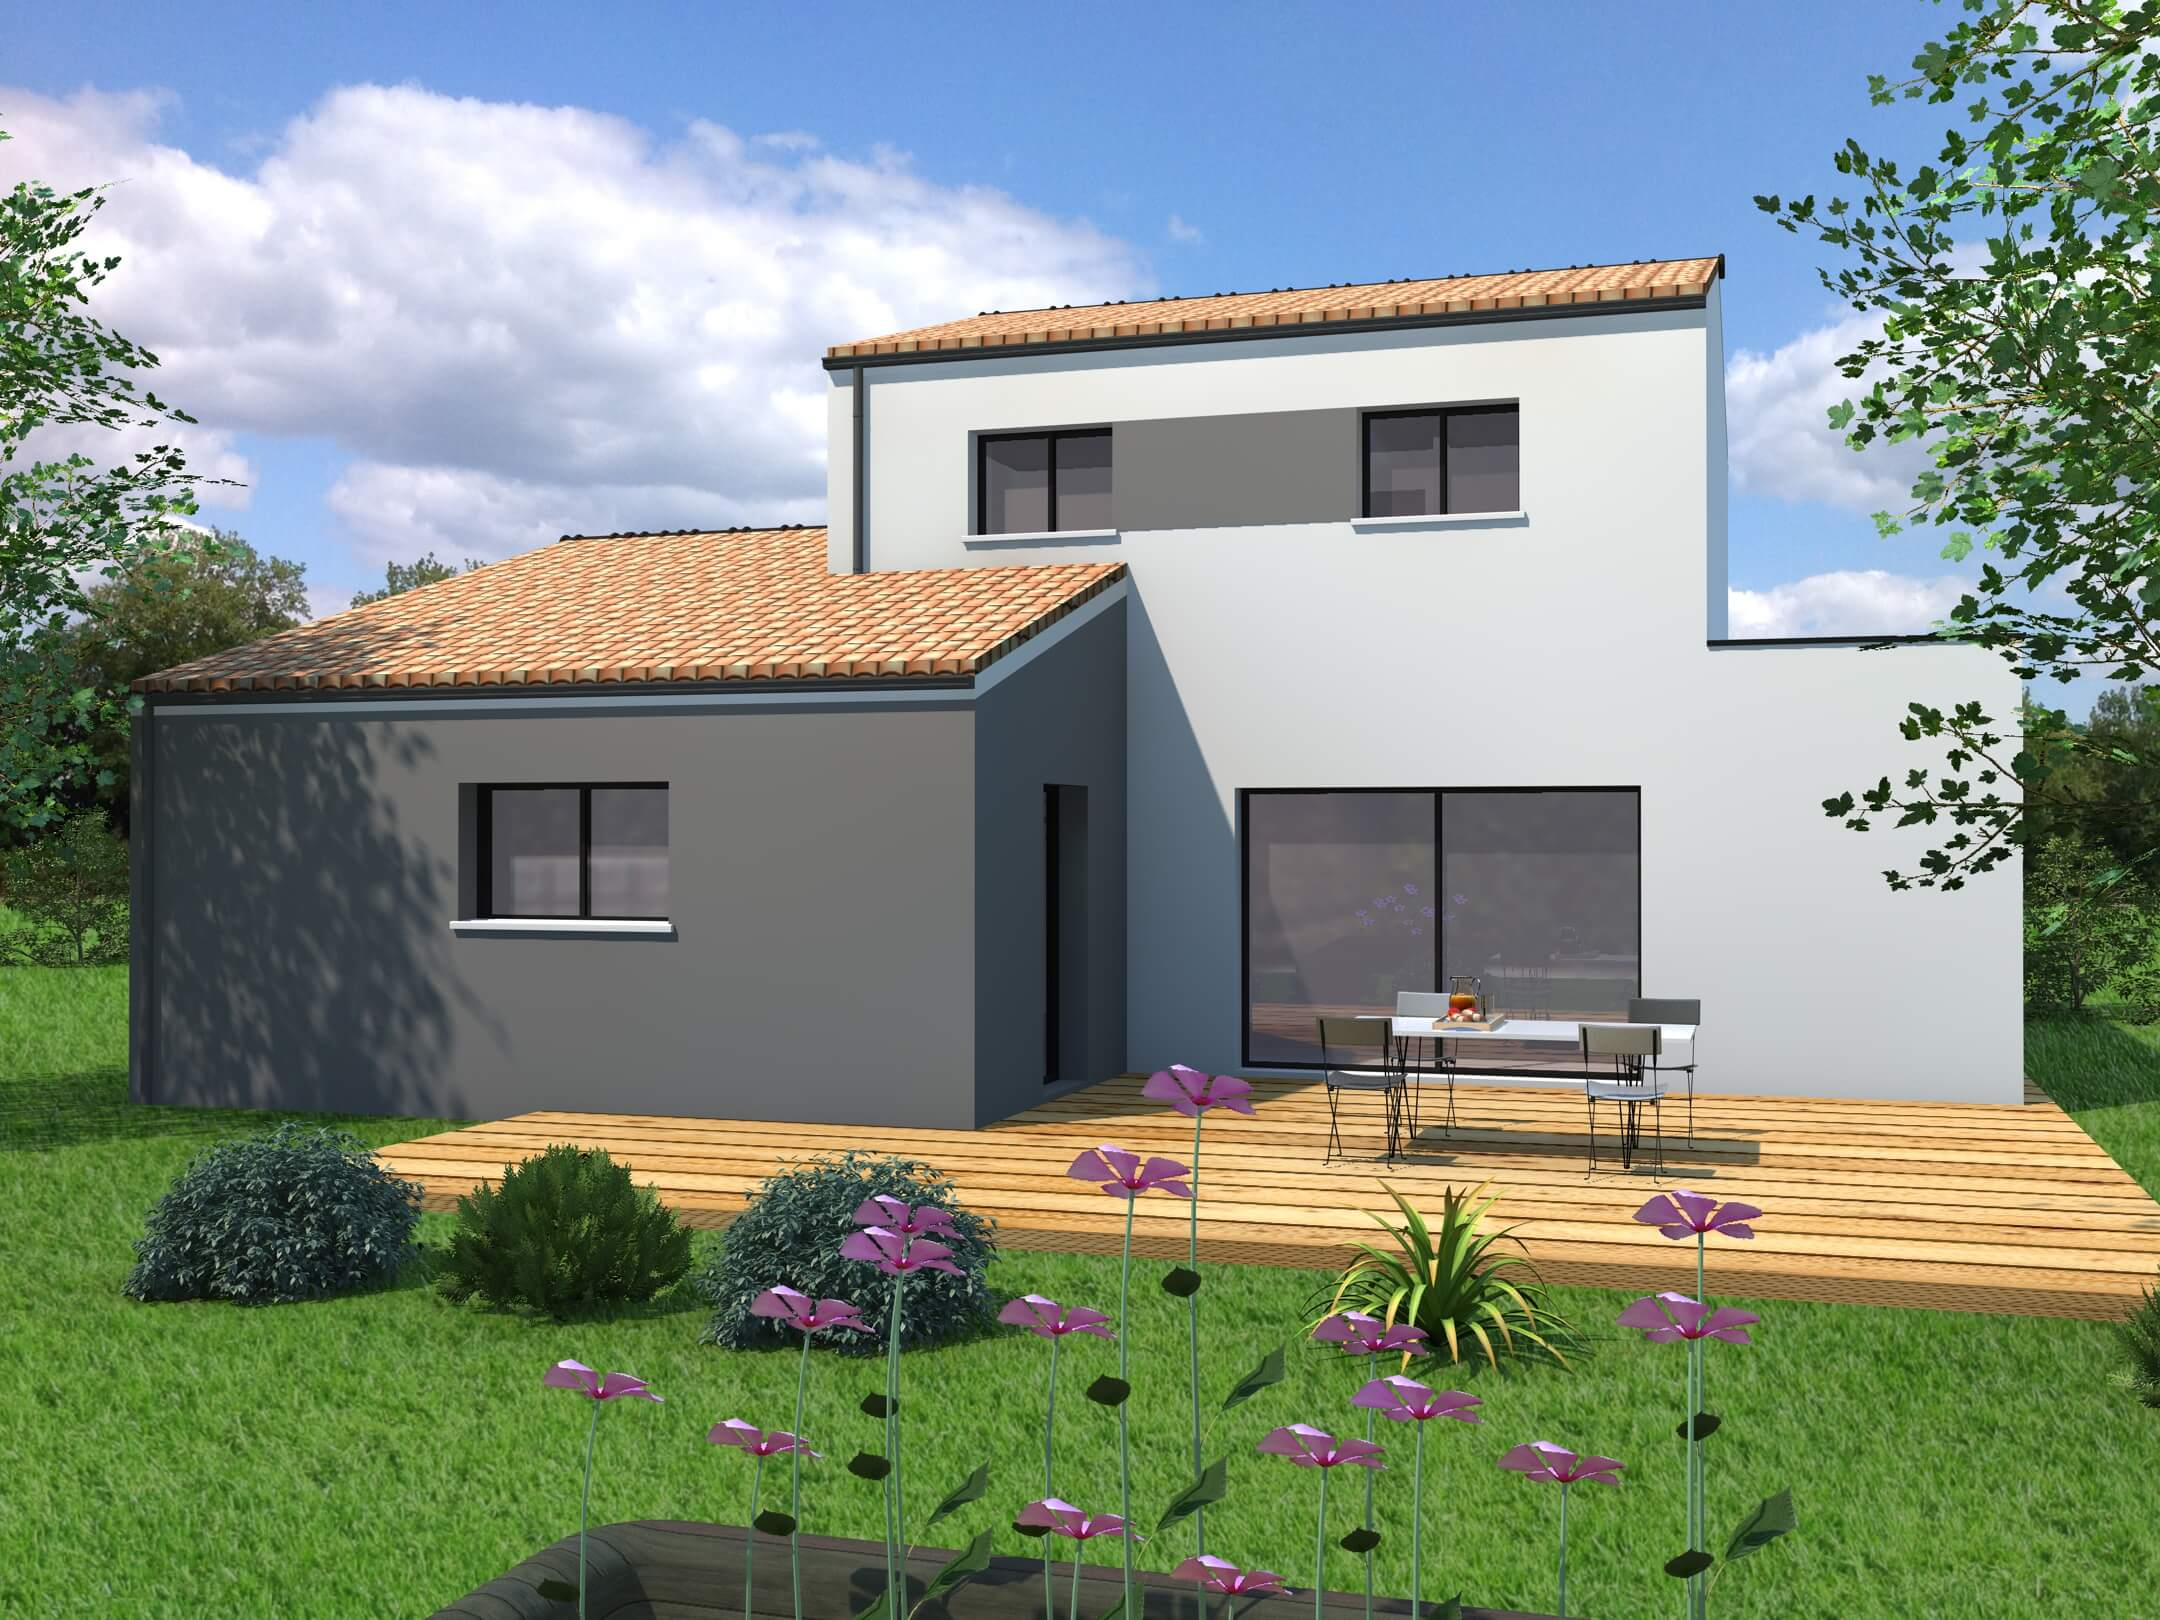 Plan Maison 3 Chambres avec étage - Moderne - MF-Construction